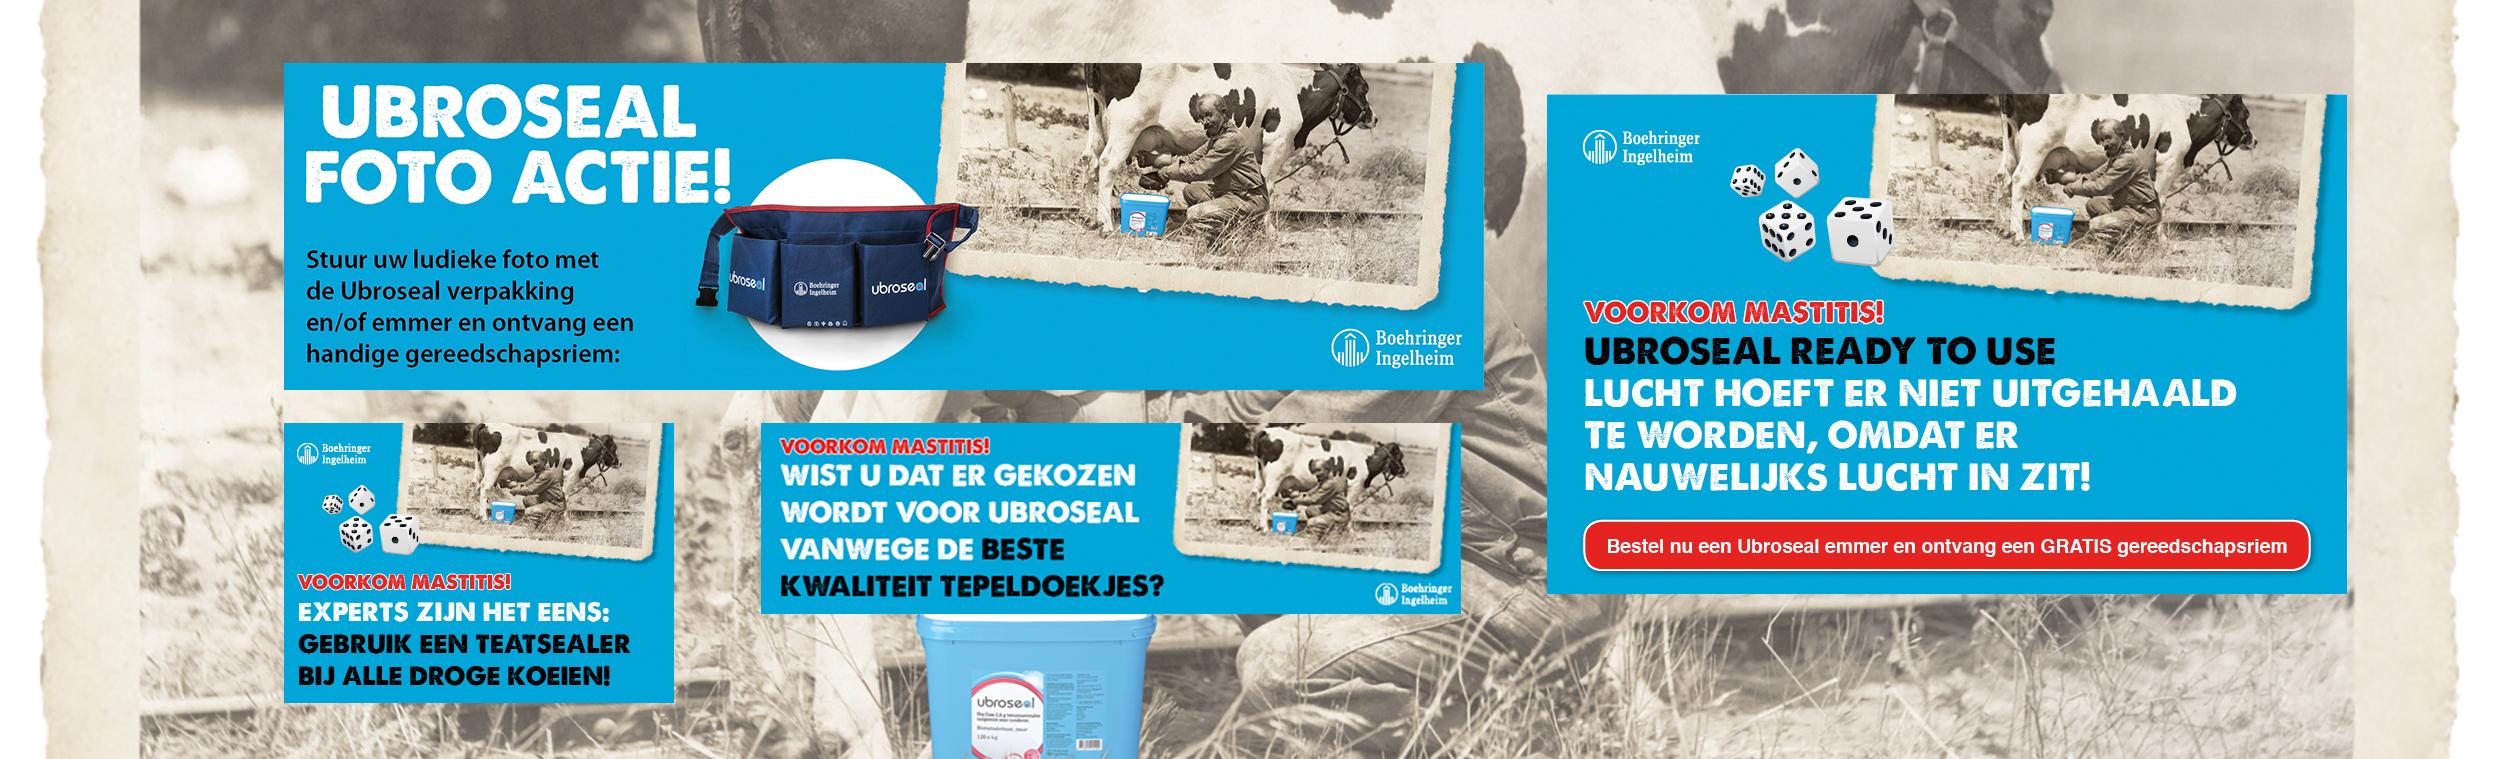 portfolio-boehringer-ingelheim-urboseal-banners